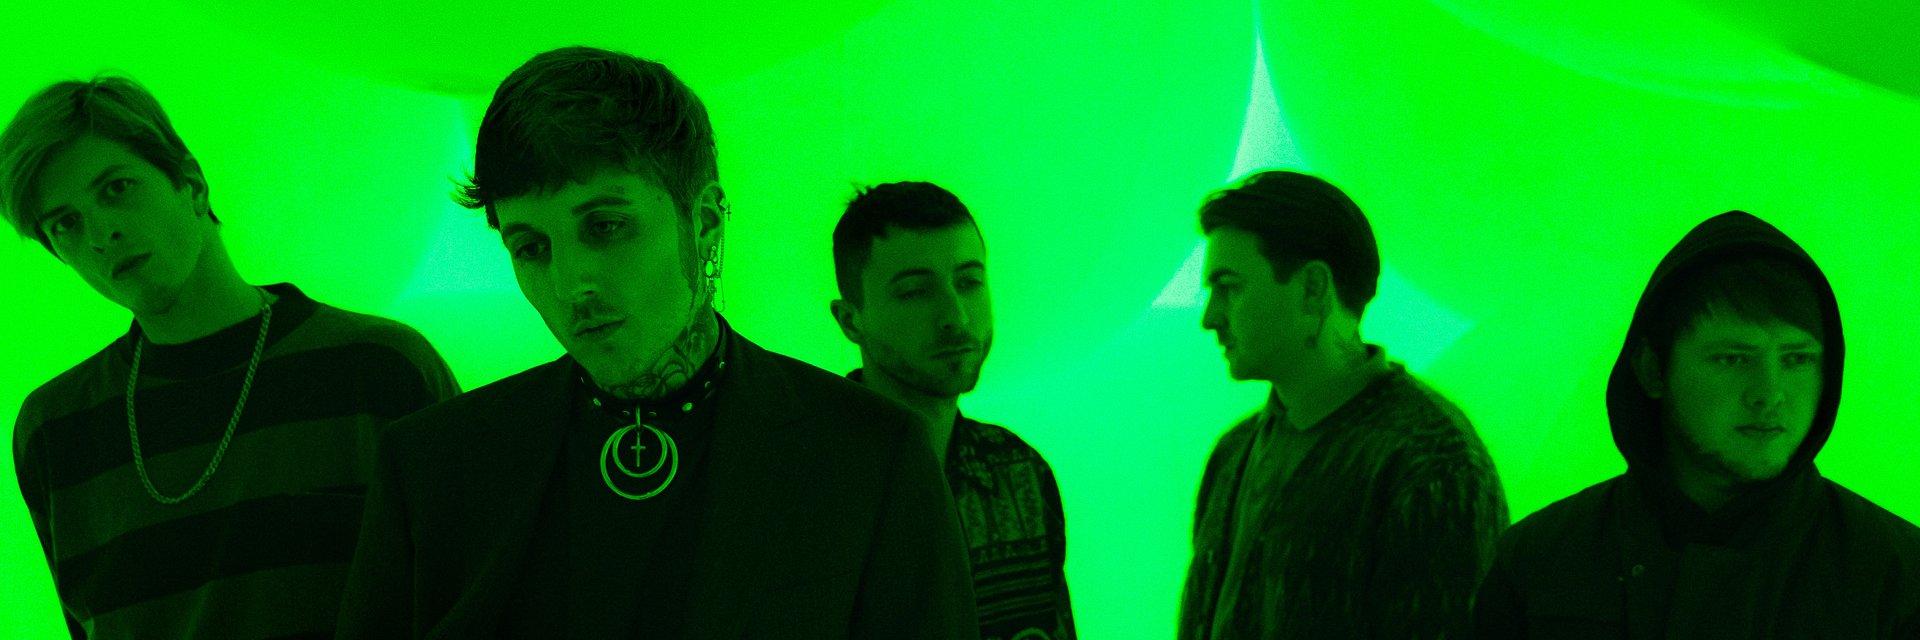 Nowa EP-ka Bring Me The Horizon już w ten piątek!